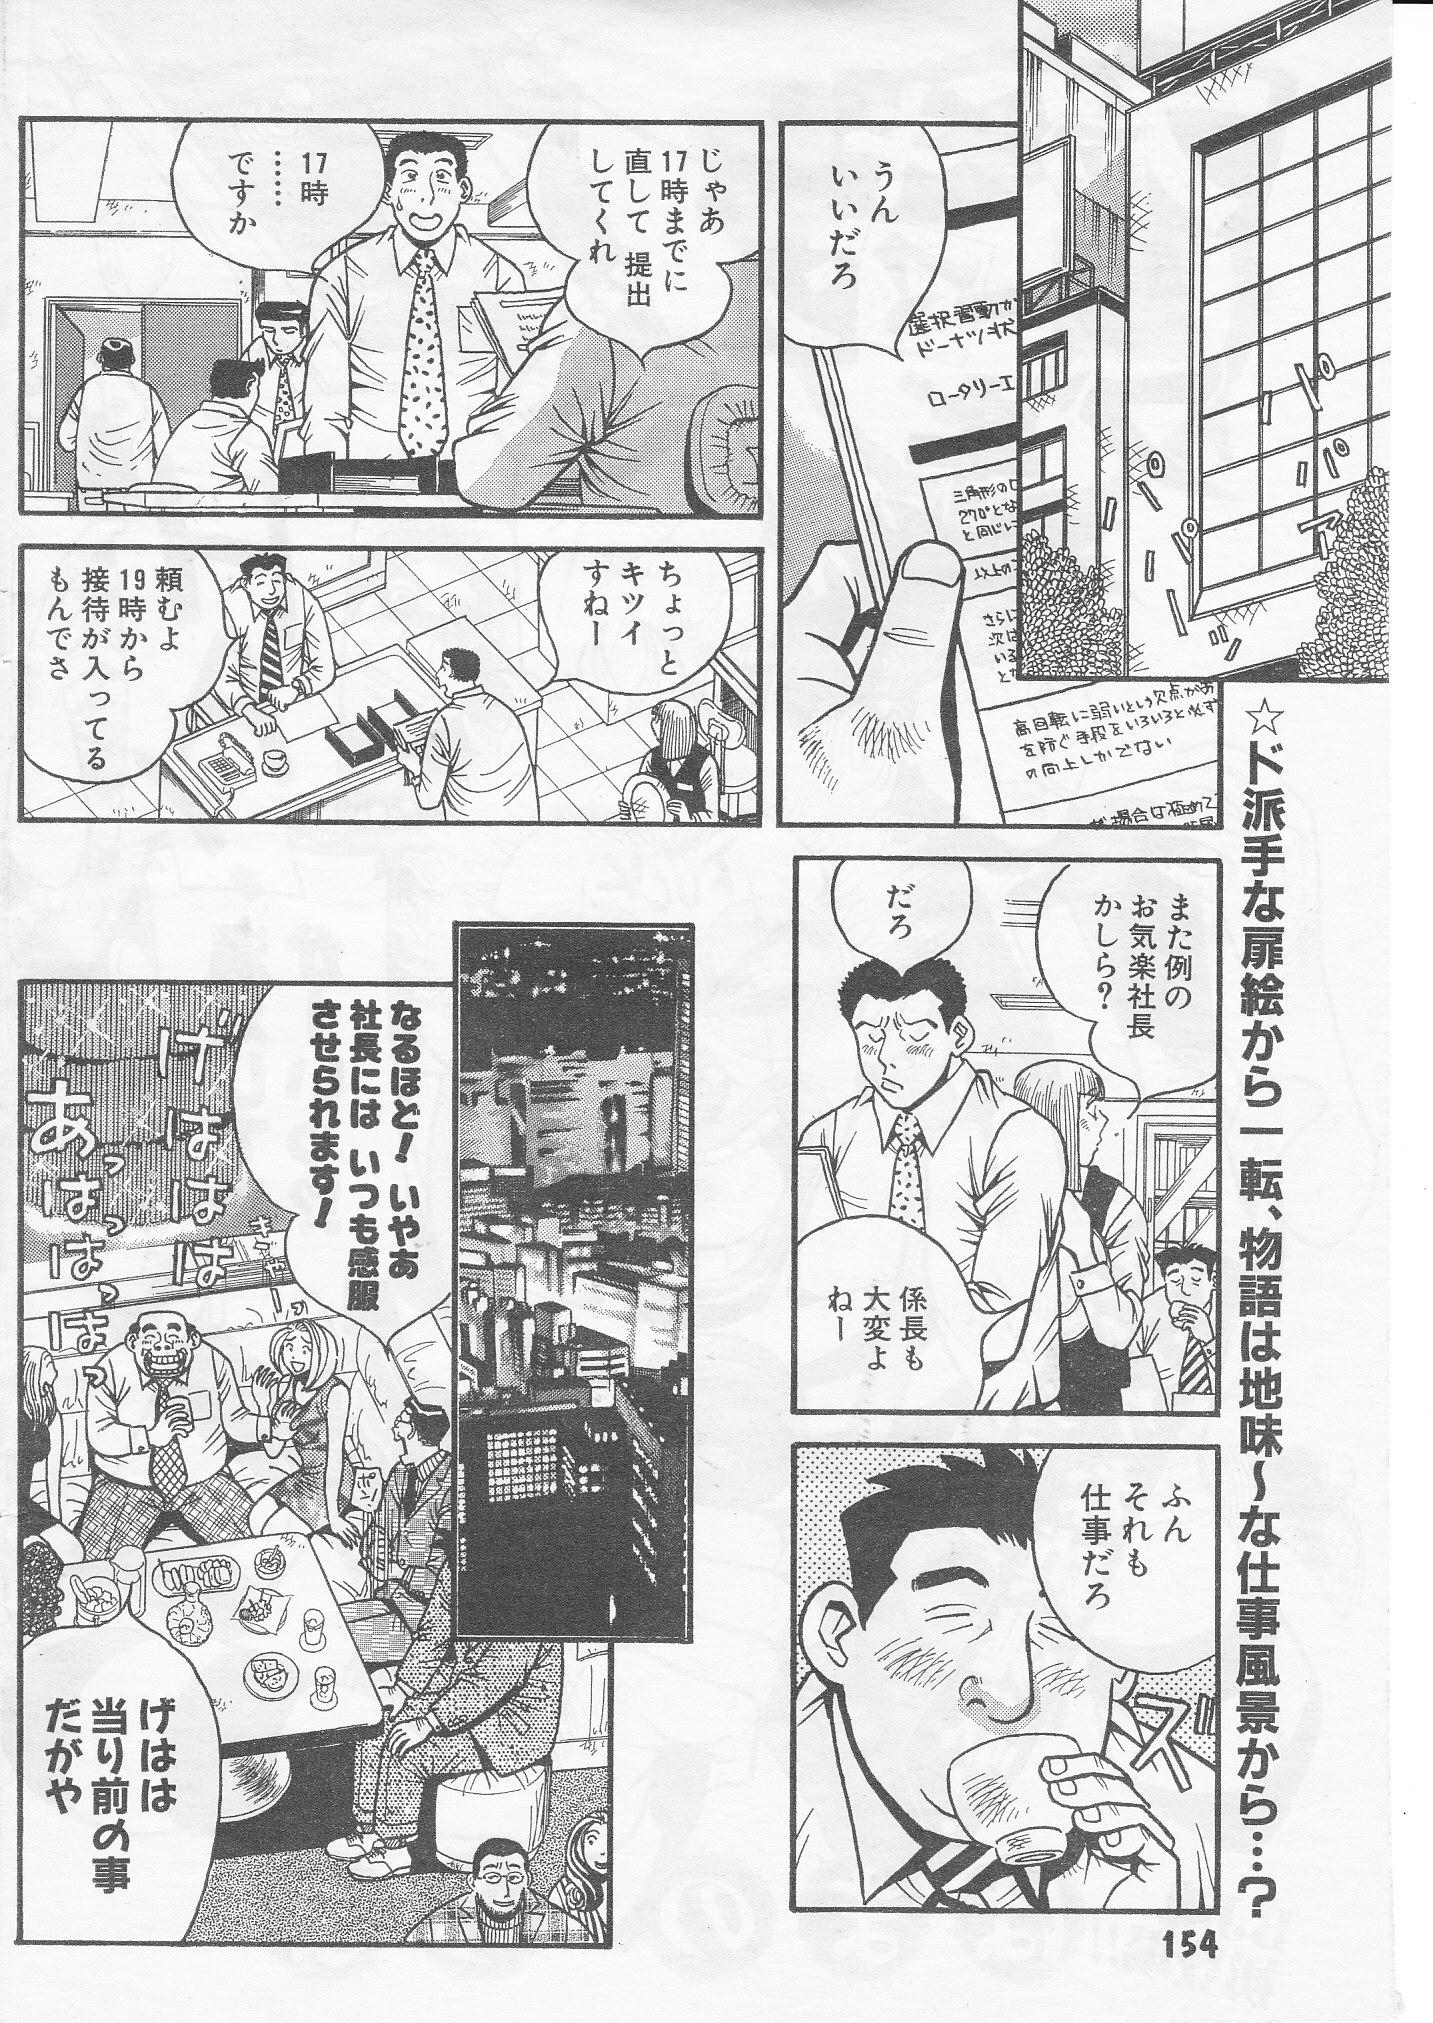 ファッキン・リーマン・ブギ 2/23